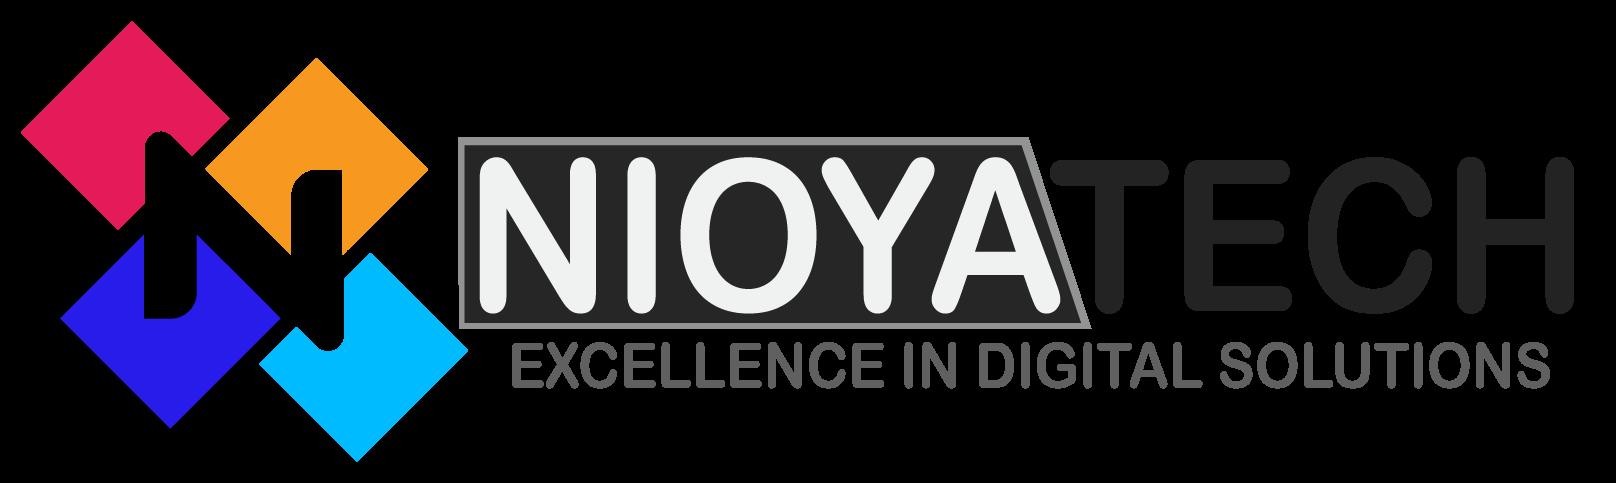 nioyalogo1